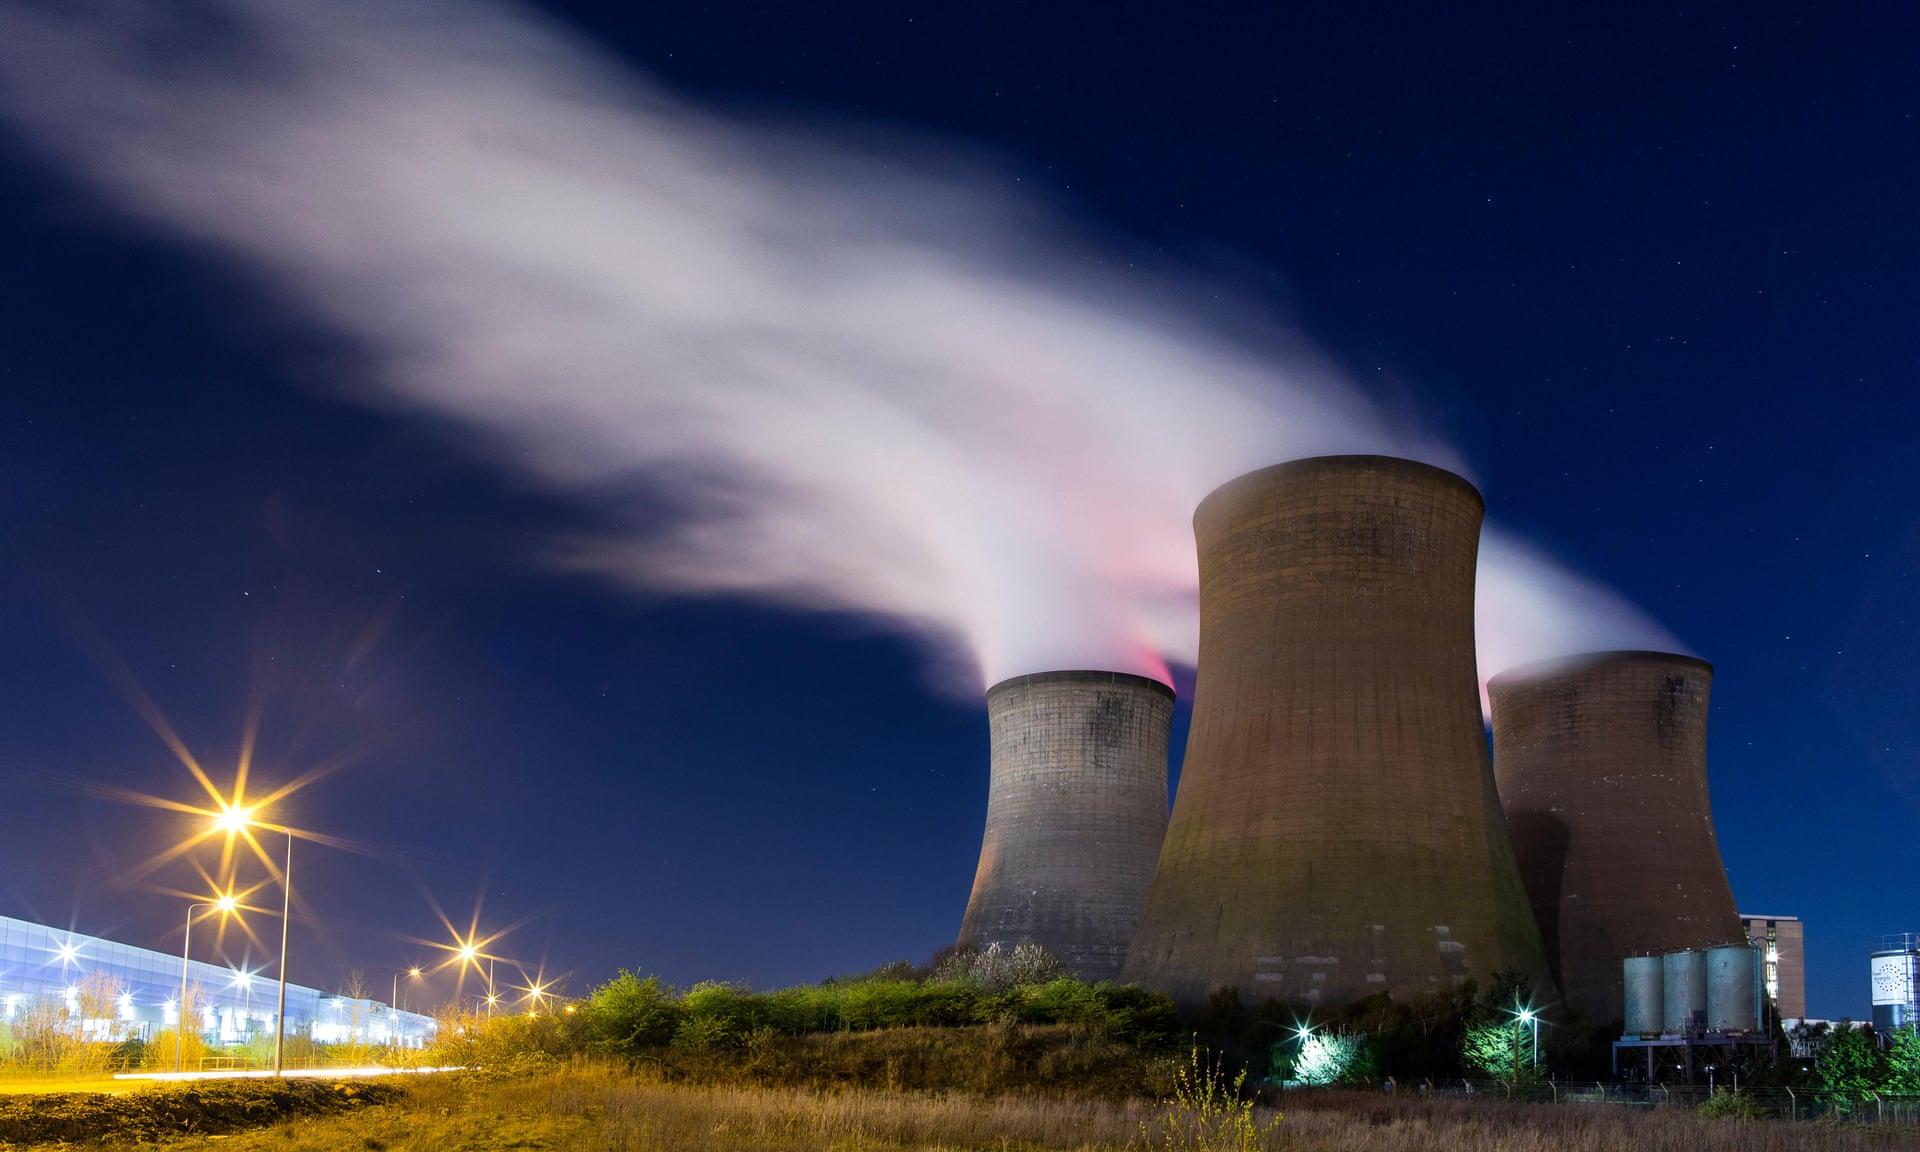 Британия неделю прожила без угольной генерации. Впервые с 1882 года